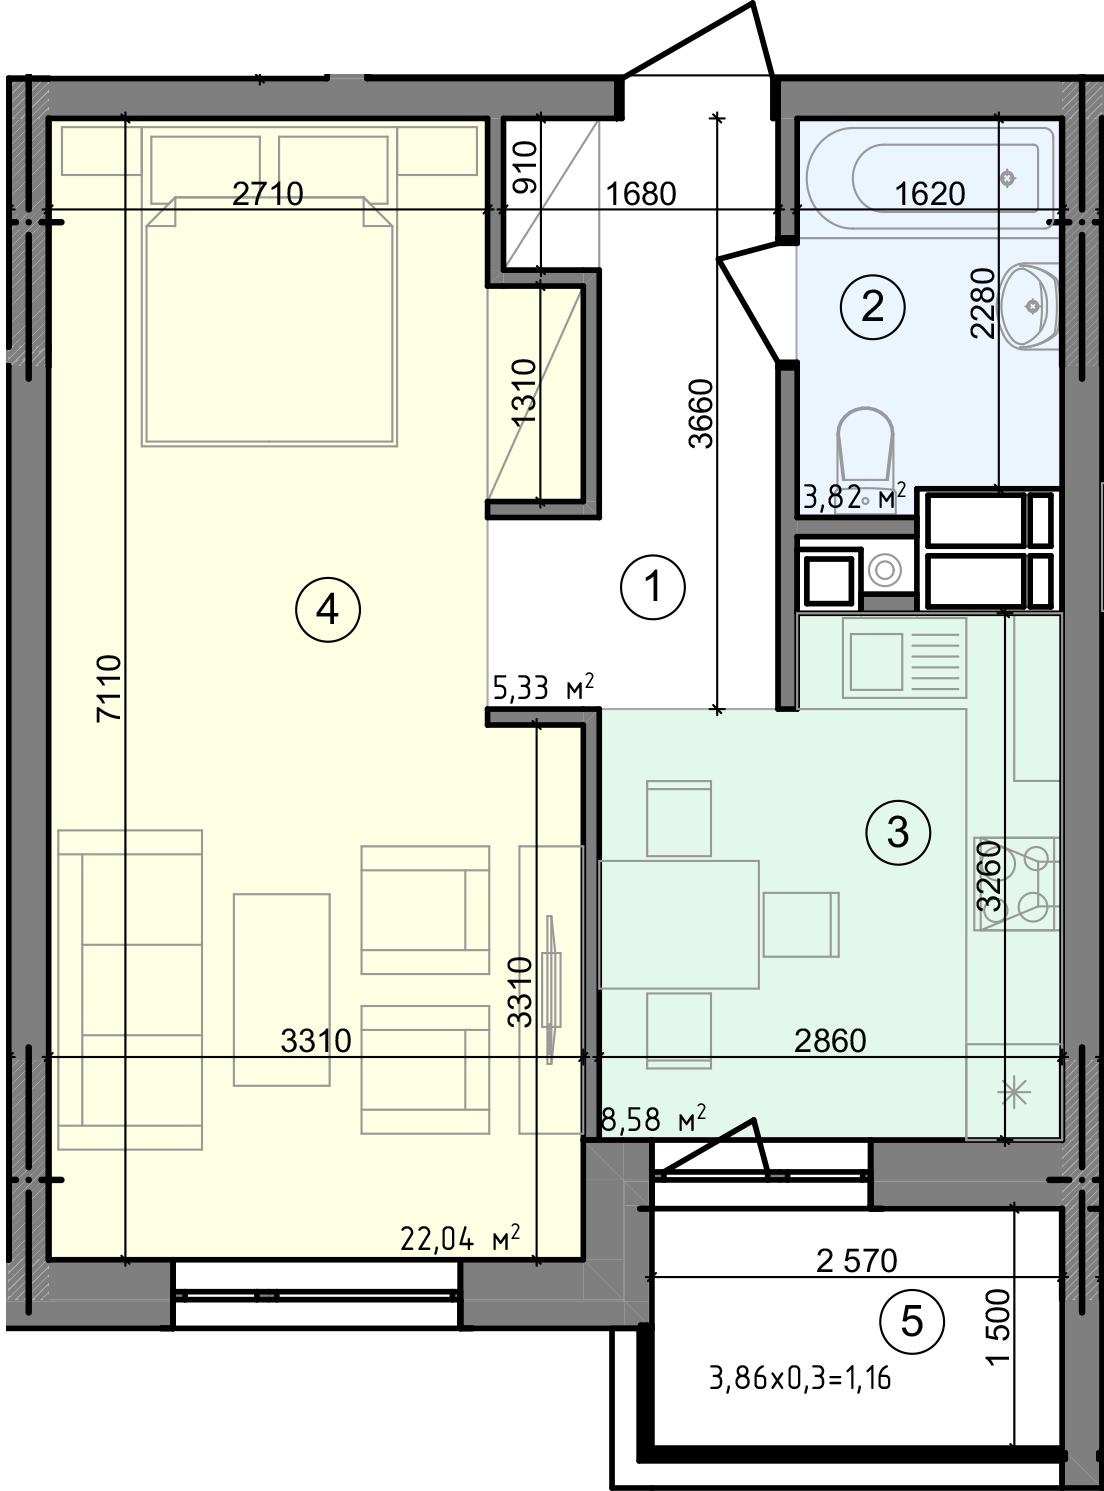 Купить Однокомнатная квартира 40,93 кв.м., тип 1.5, дом 3 секция 3 в Киеве Голосеевский район